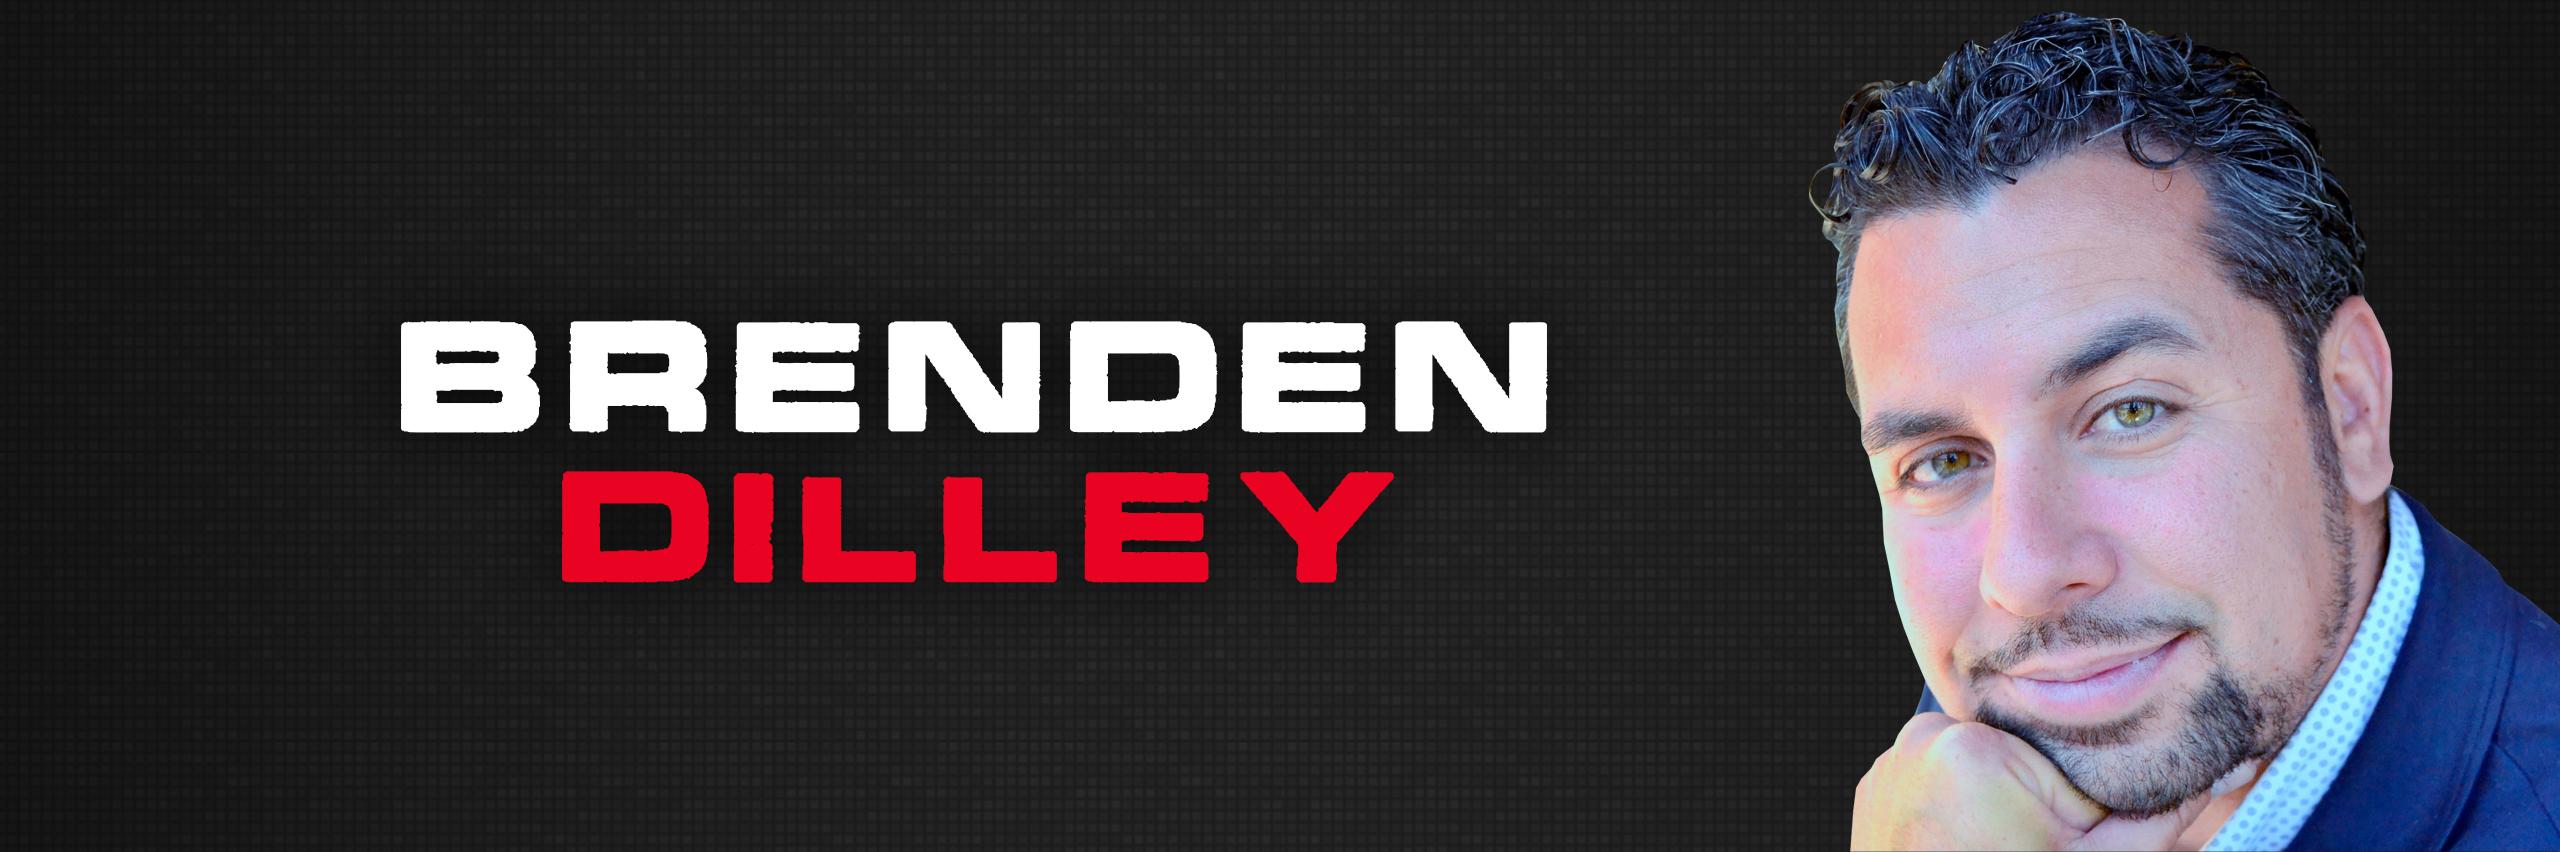 brenden_dilley_header2-1